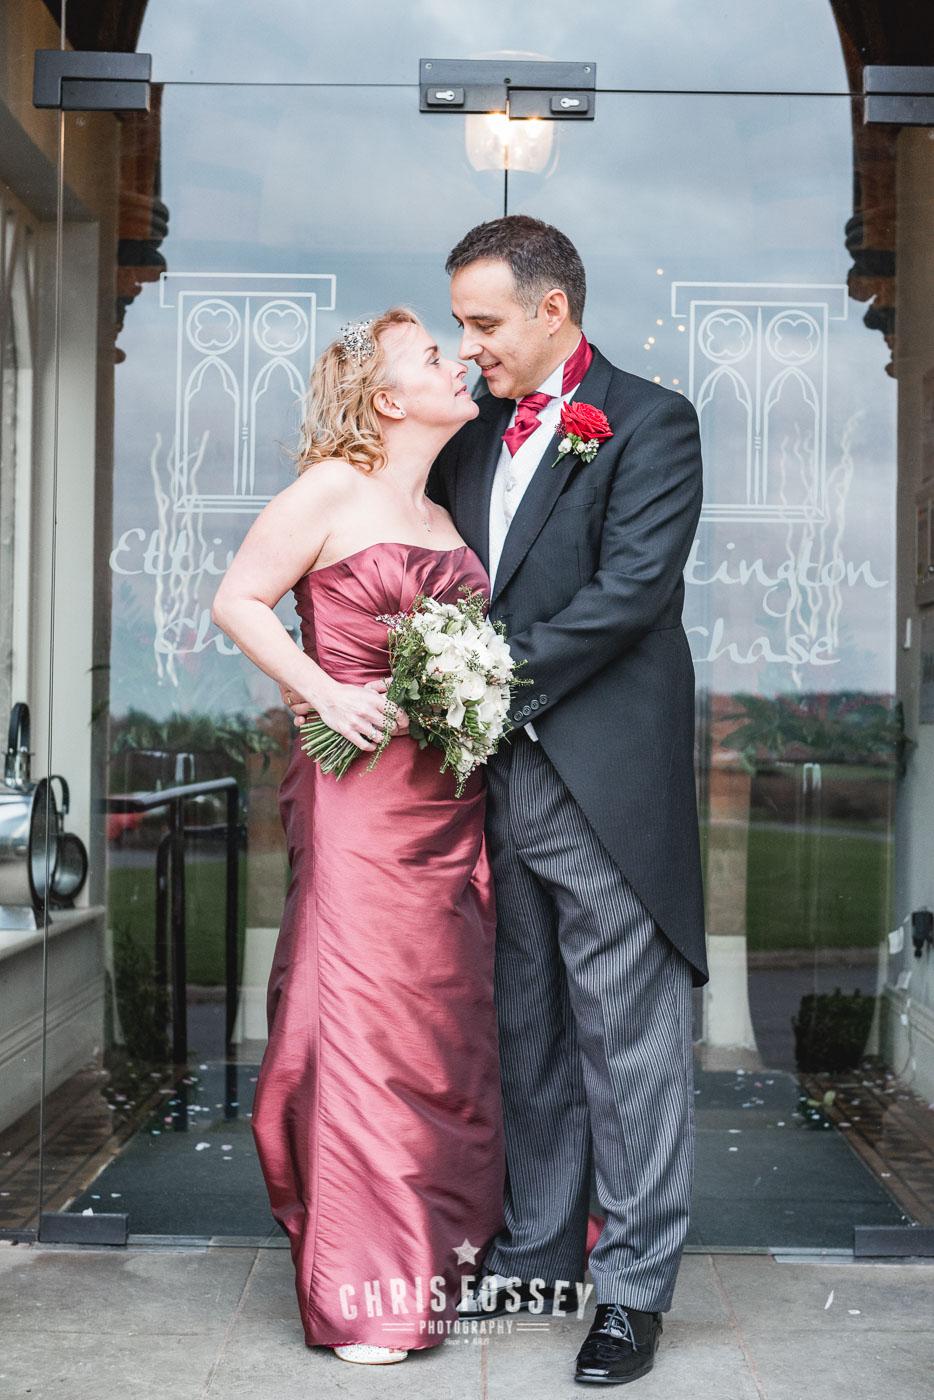 Ettington Chase Stratford Wedding Photographer AV Banner (1 of 1)